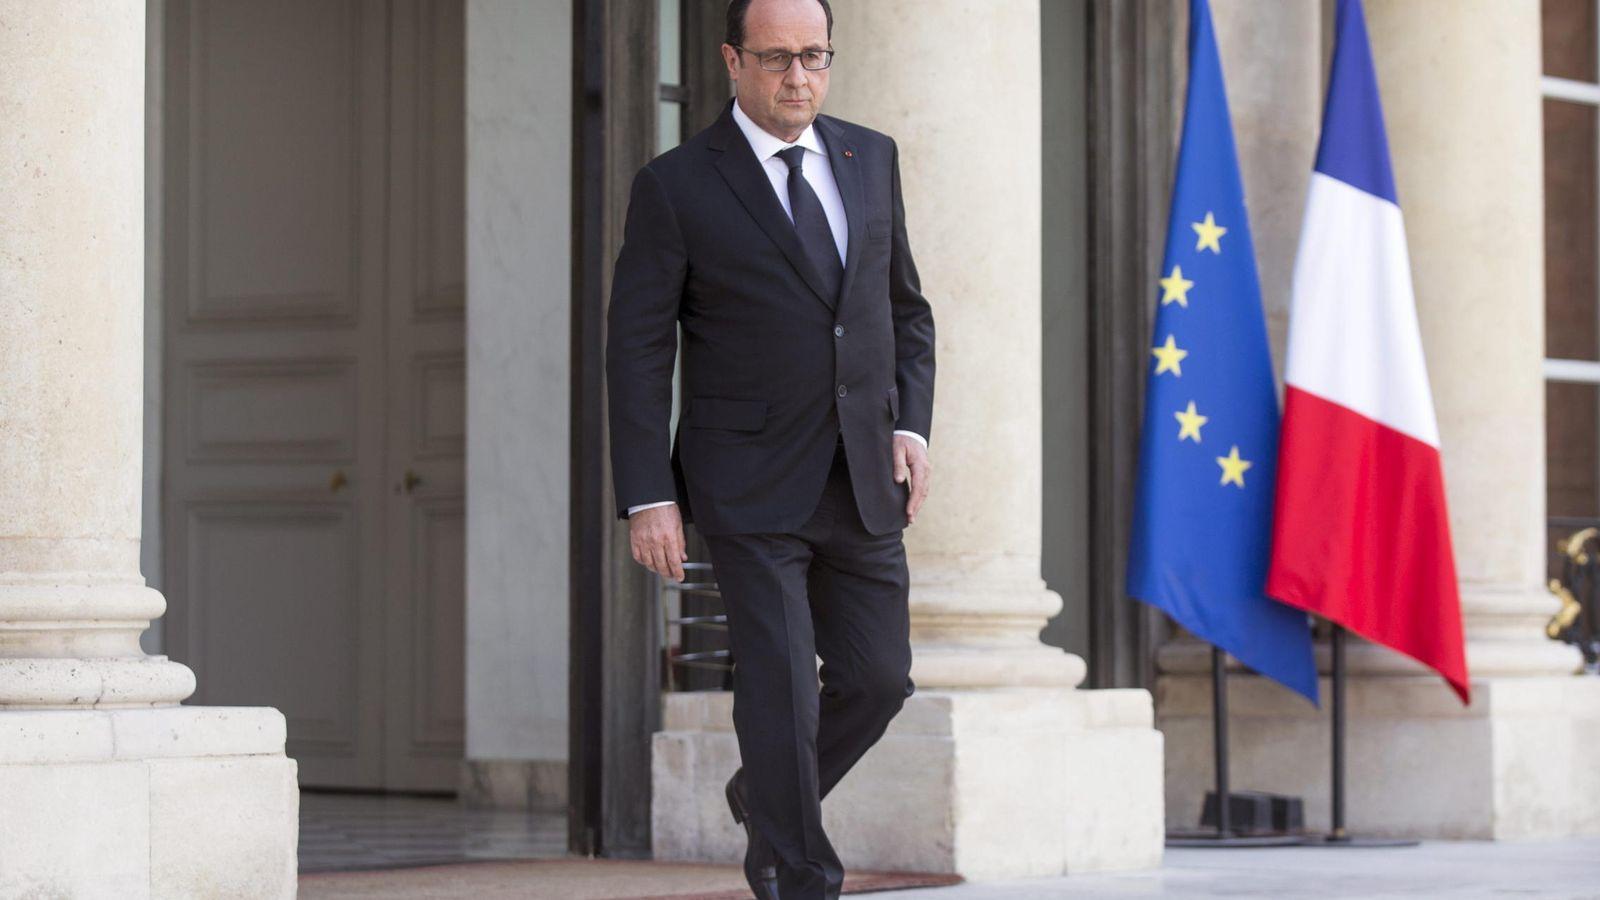 Foto: El presidente francés François Hollande se dispone a ofrecer una rueda de prensa. (EFE)